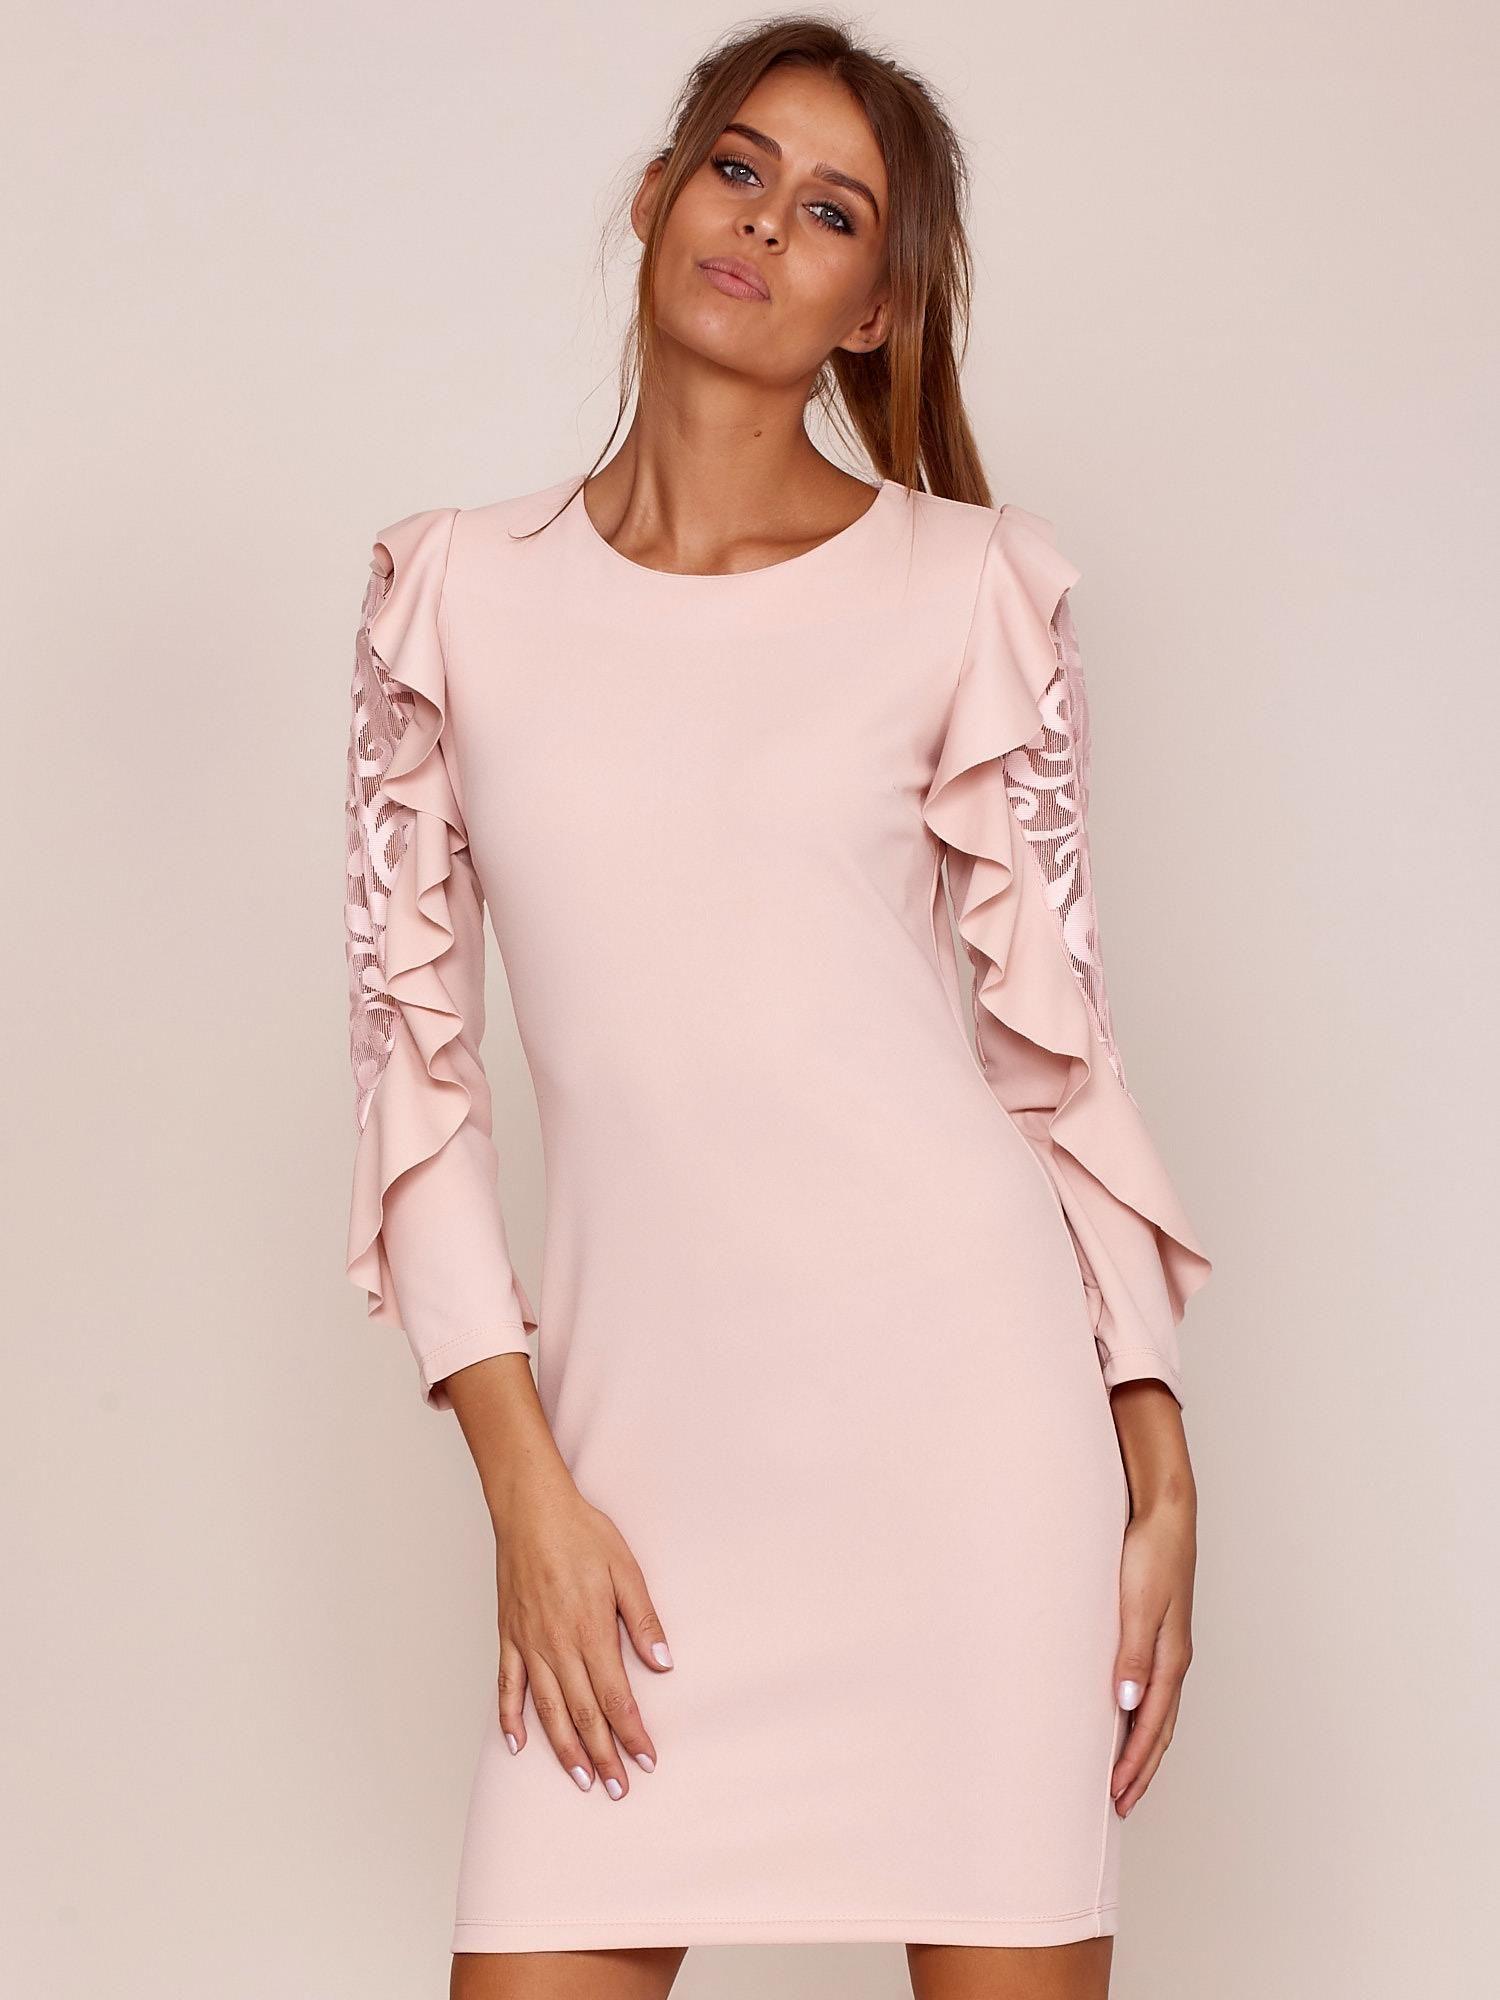 745440542d96 Jasnoróżowa sukienka z transparentnymi wstawkami na rękawach ...